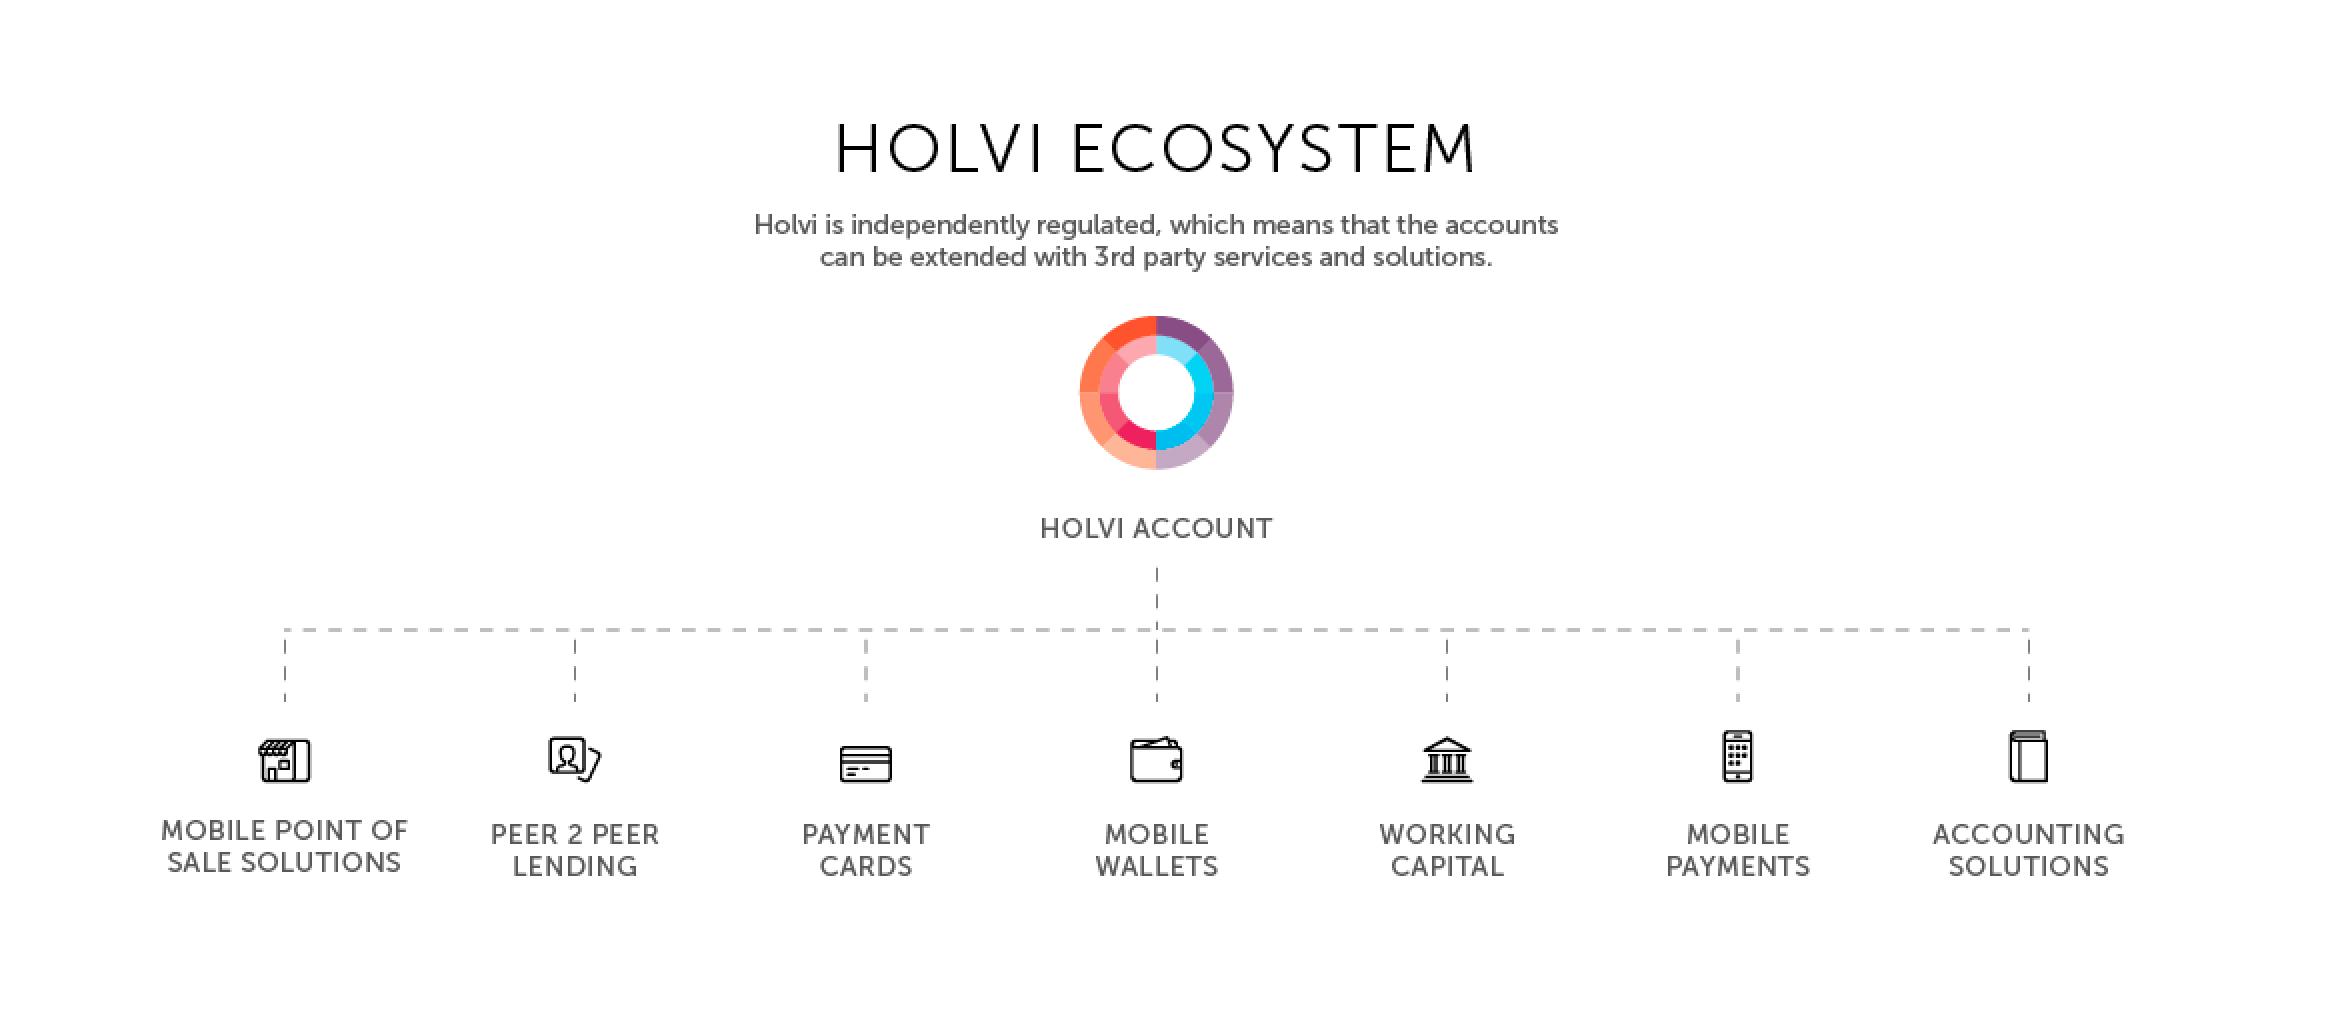 holvi_ecosystem